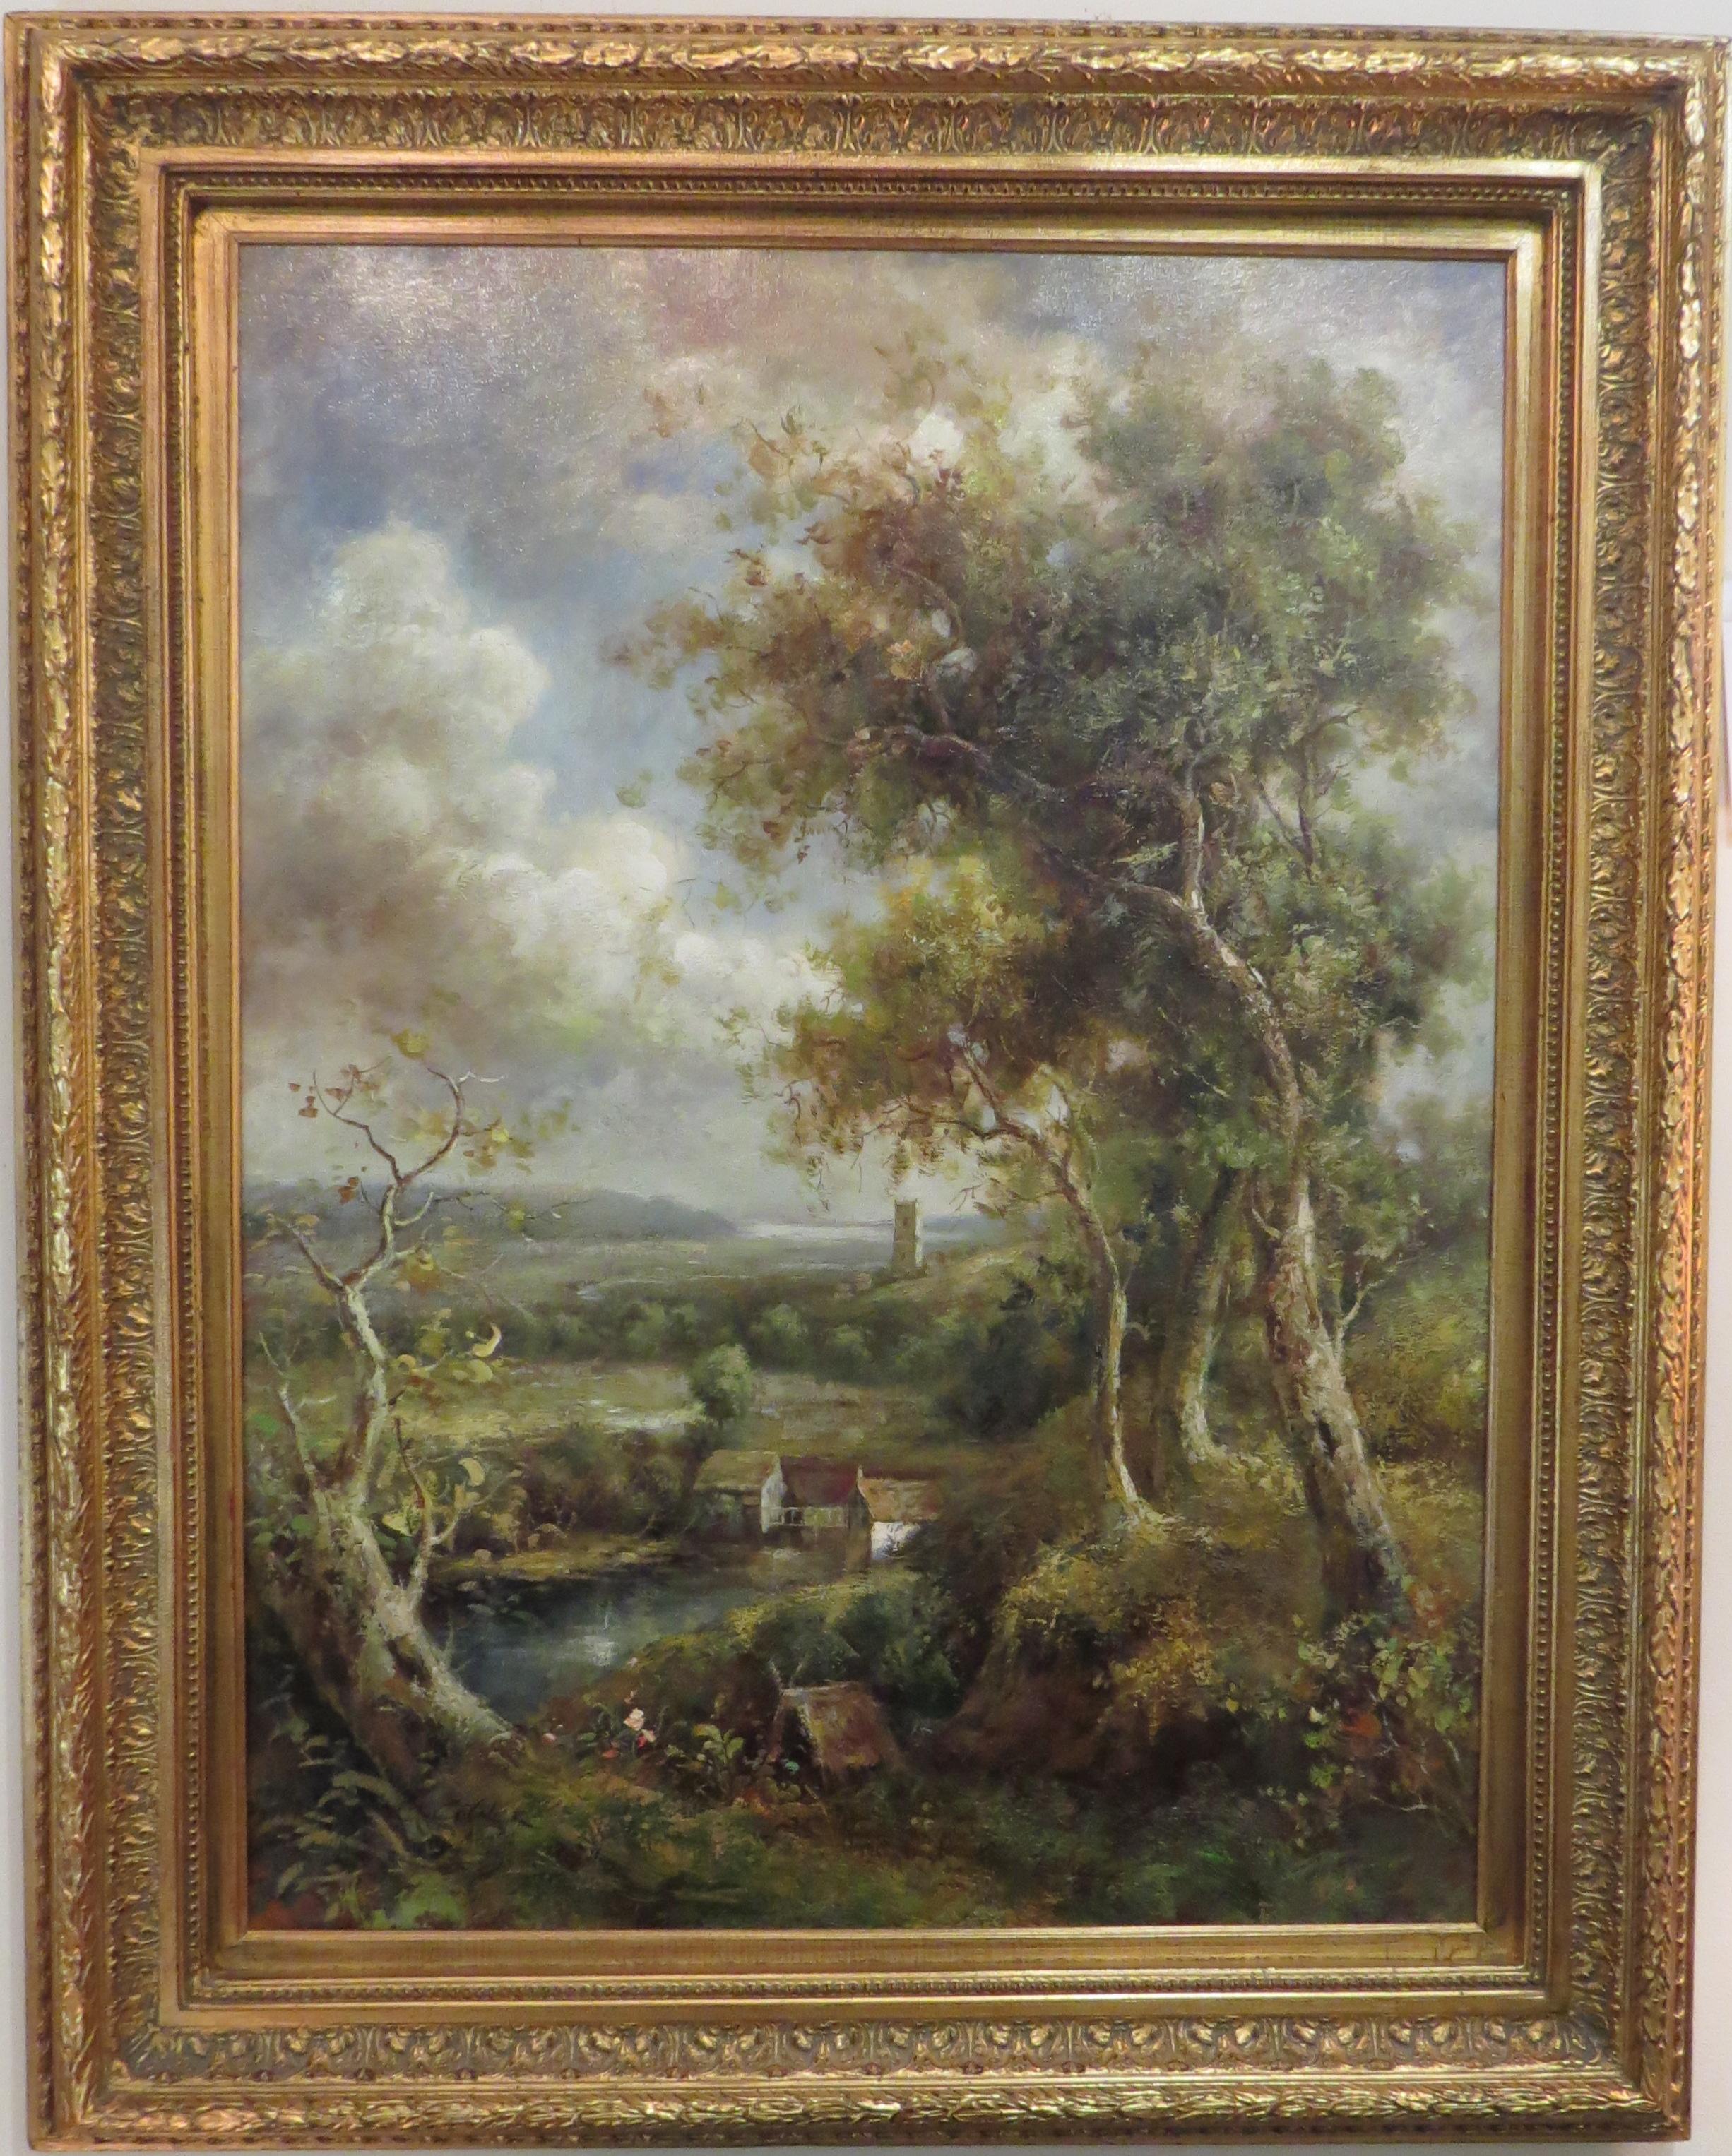 Oil on Canvas of a Landscape, Signed G. Cotner